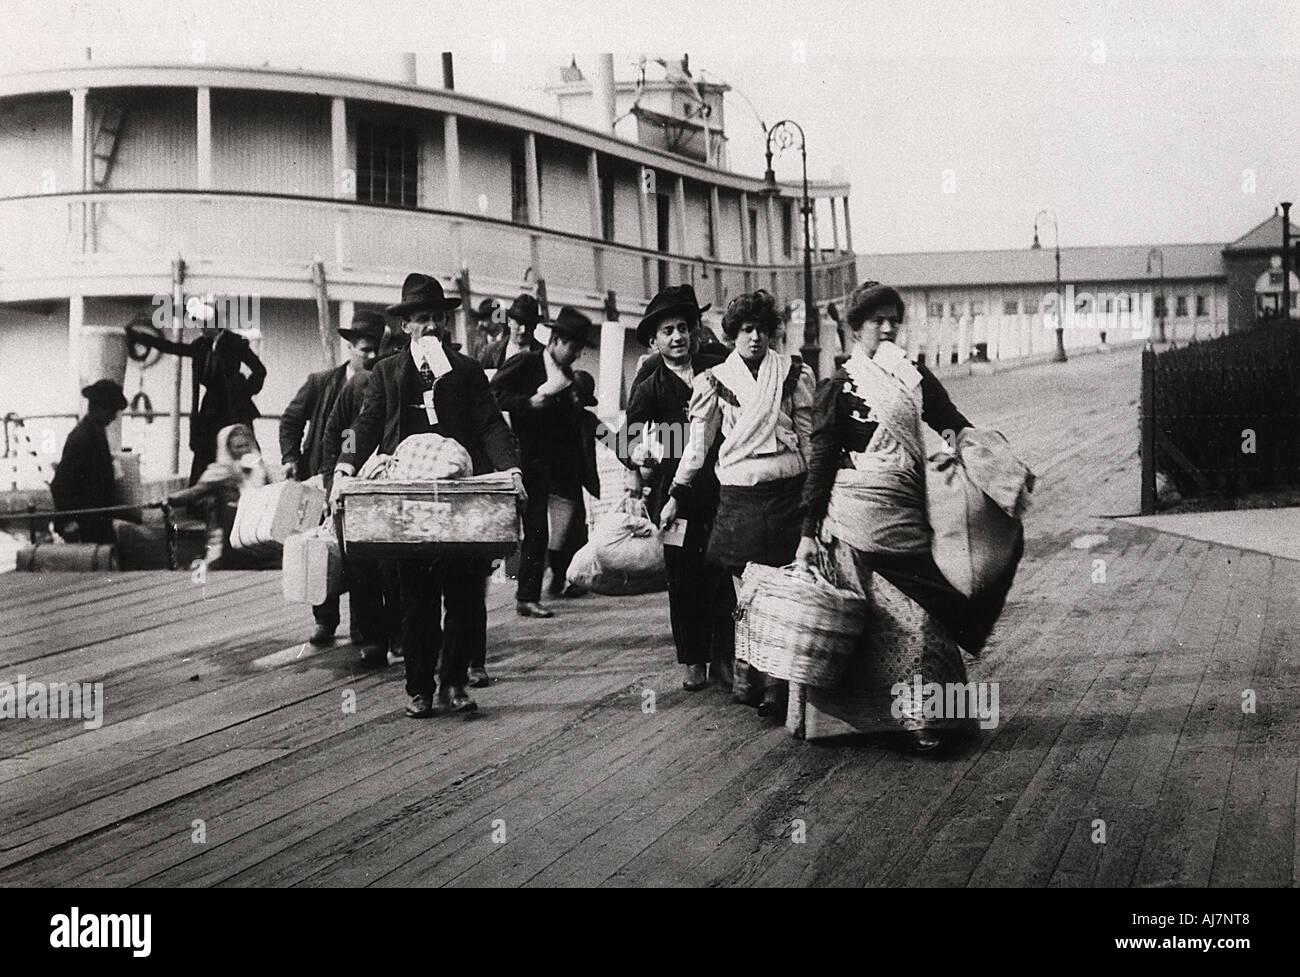 Los inmigrantes a los EE.UU. Desembarque en Ellis Island, Nueva York, el c1900 Foto de stock